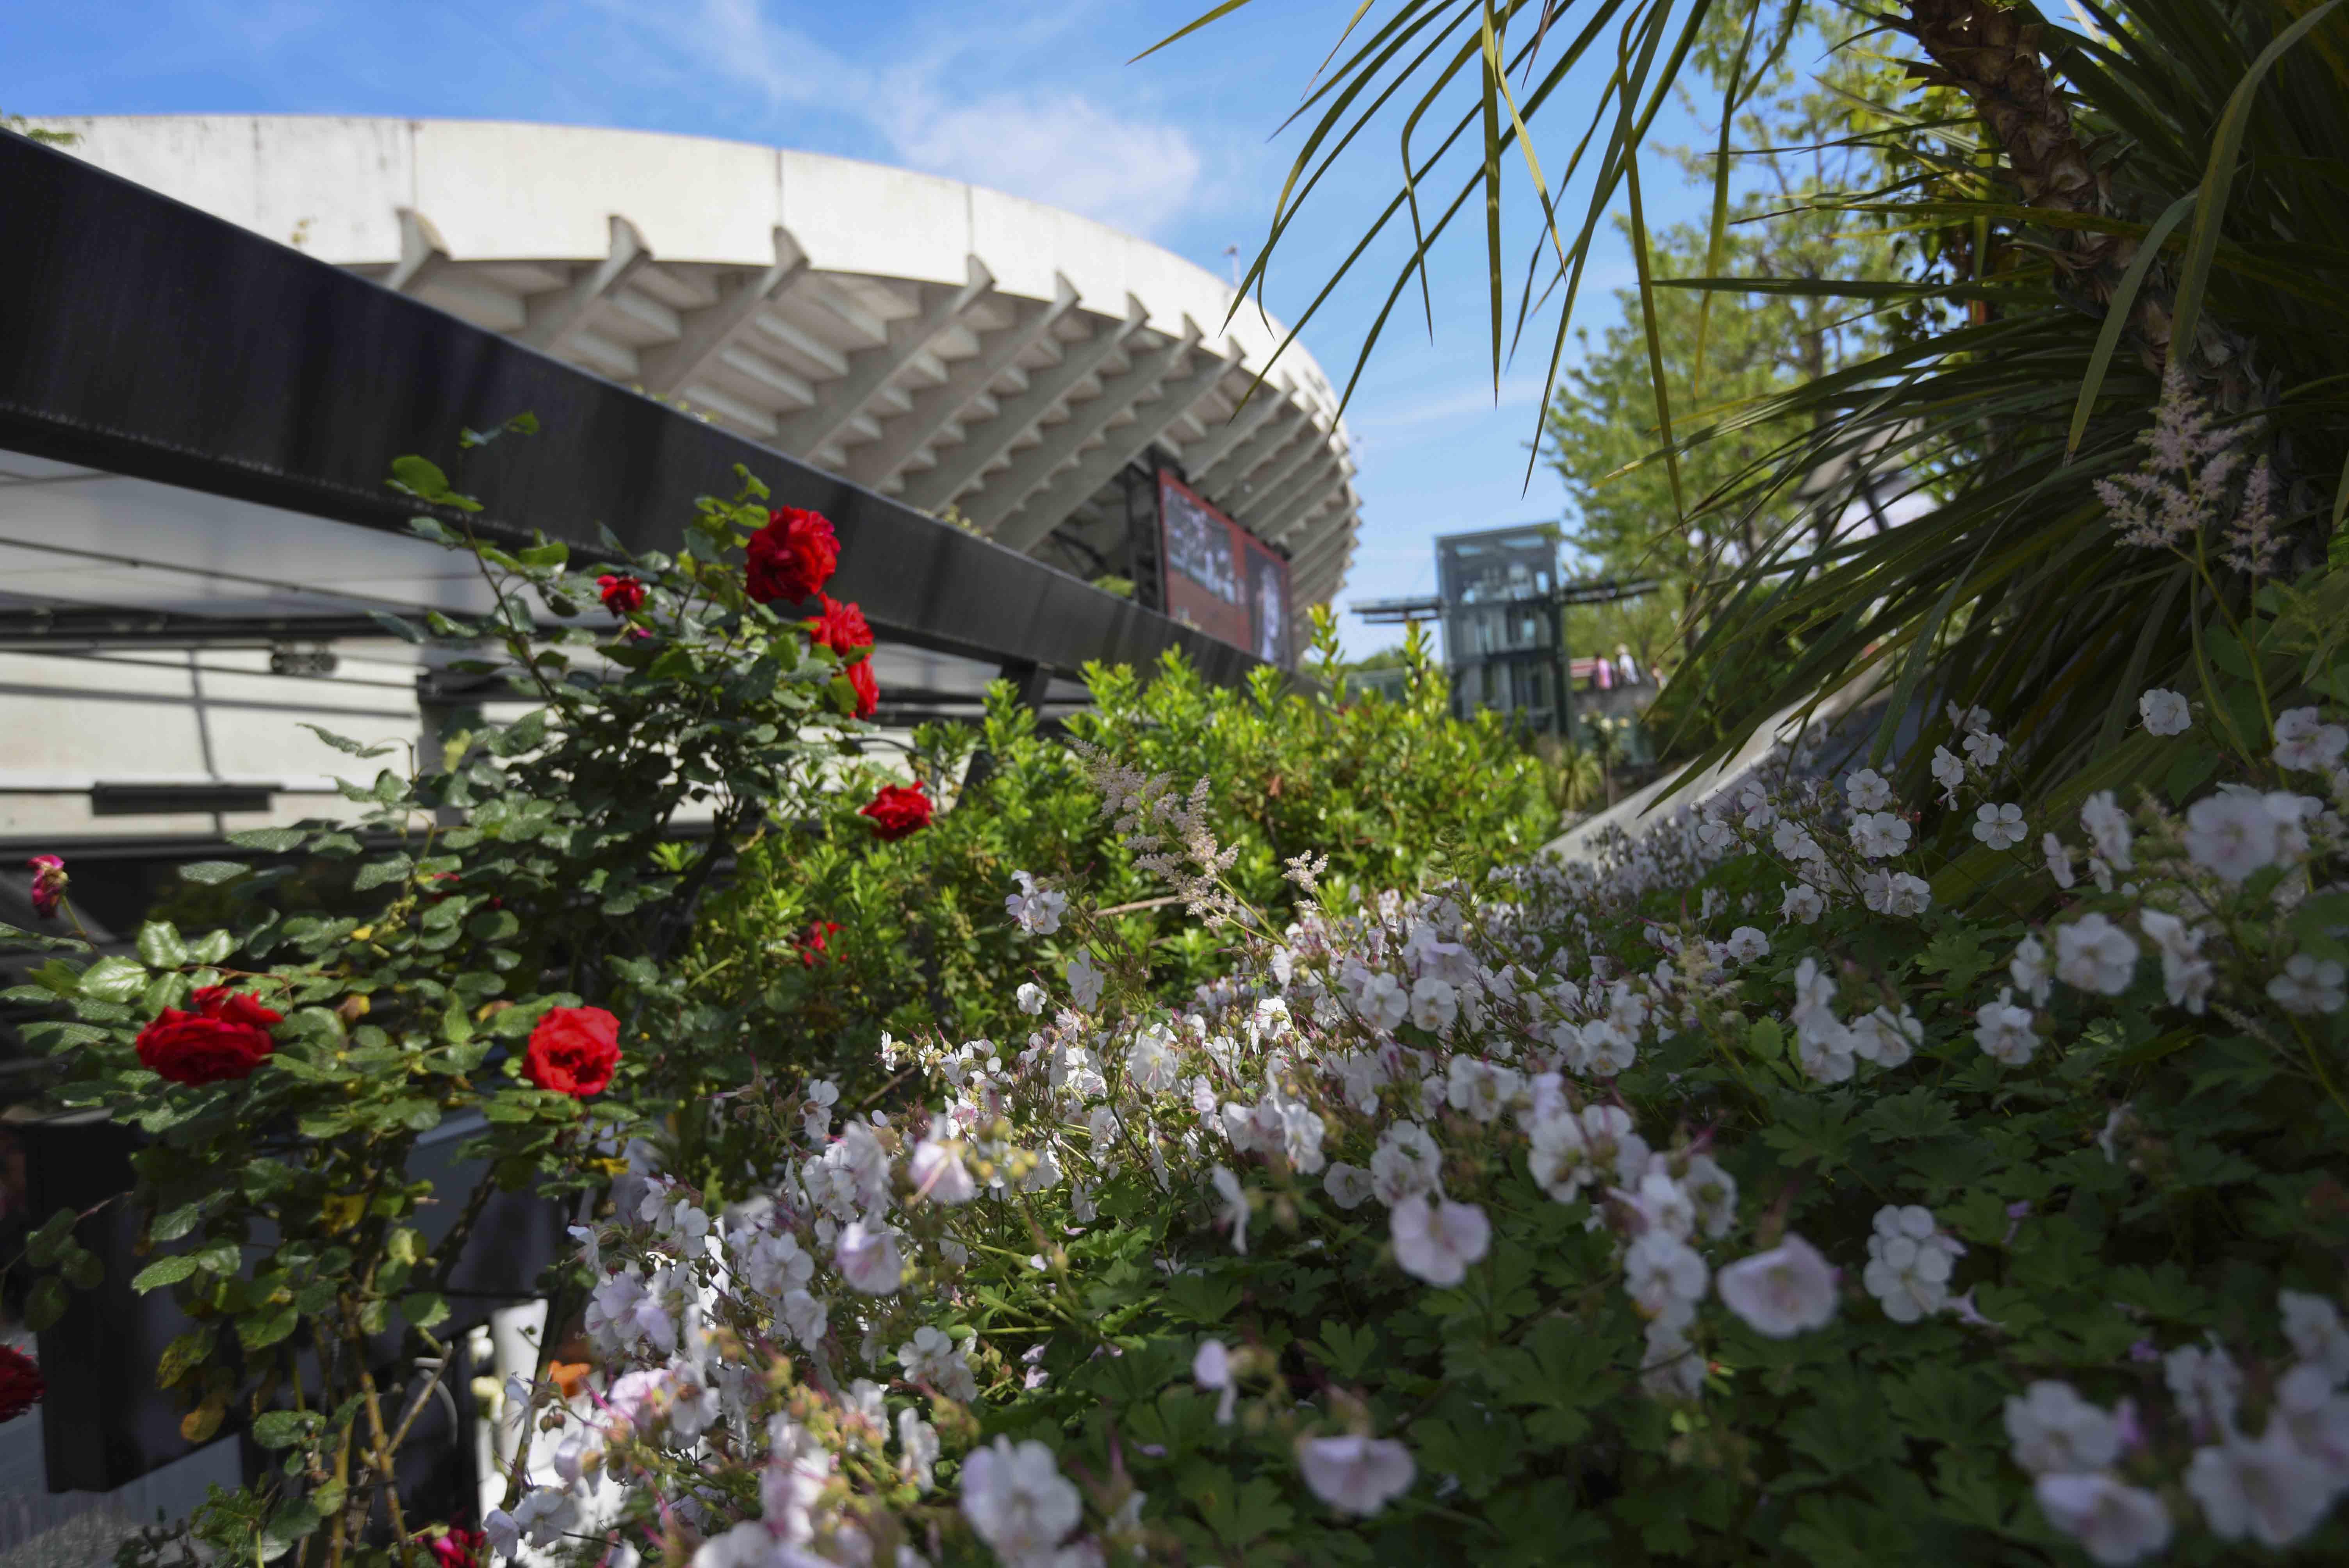 Flowers in Roland-Garros / Fleurs à Roland-Garros